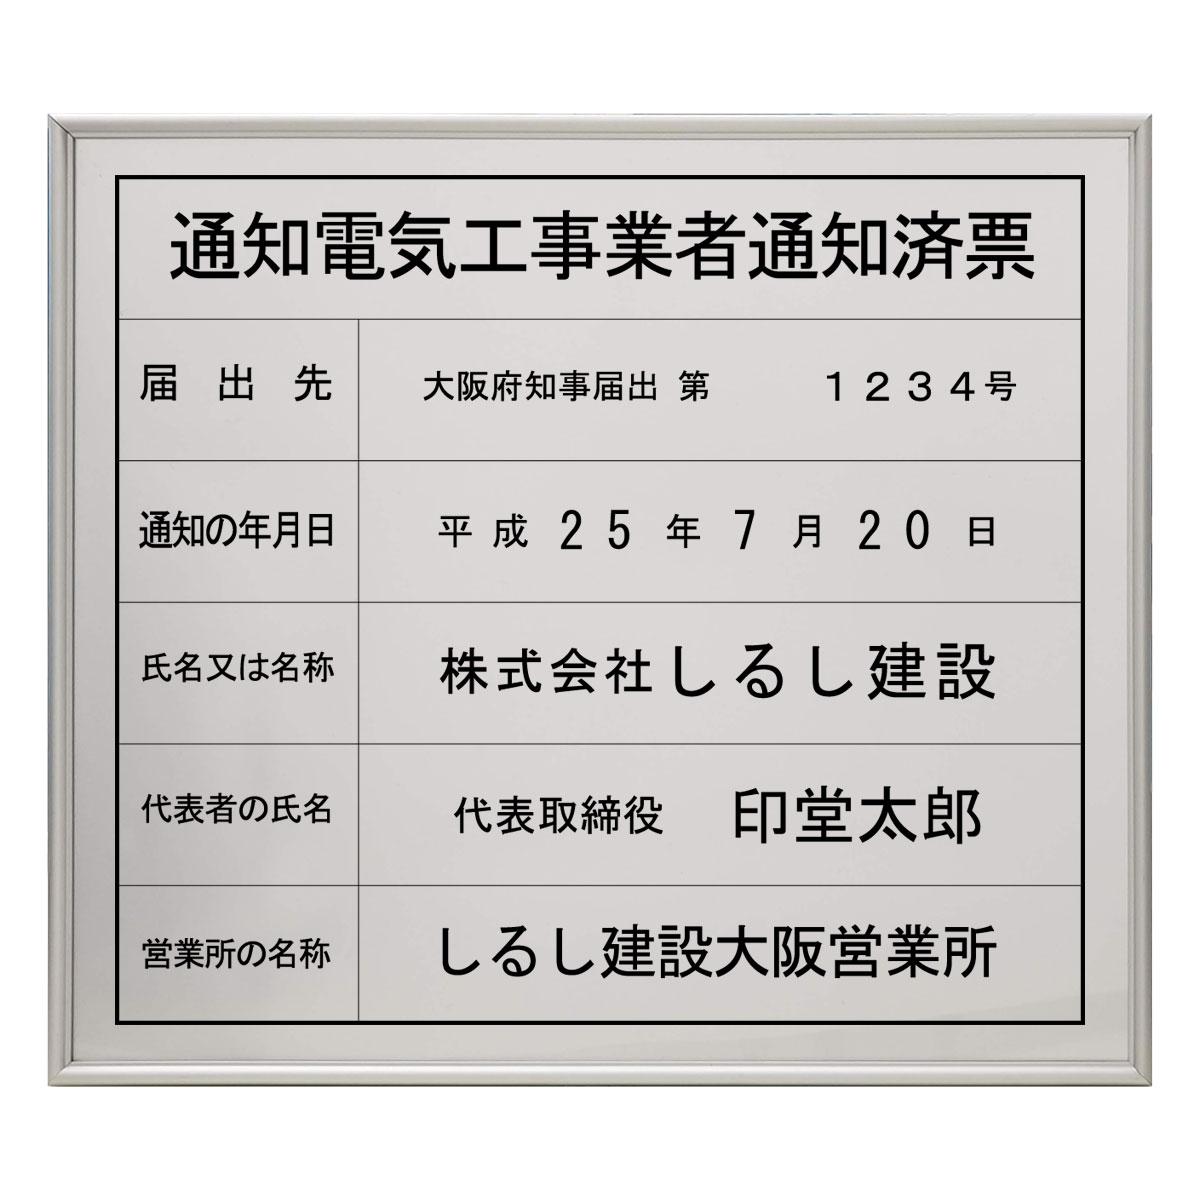 画像1: 通知電気工事業者通知済票スタンダードシルバー (1)